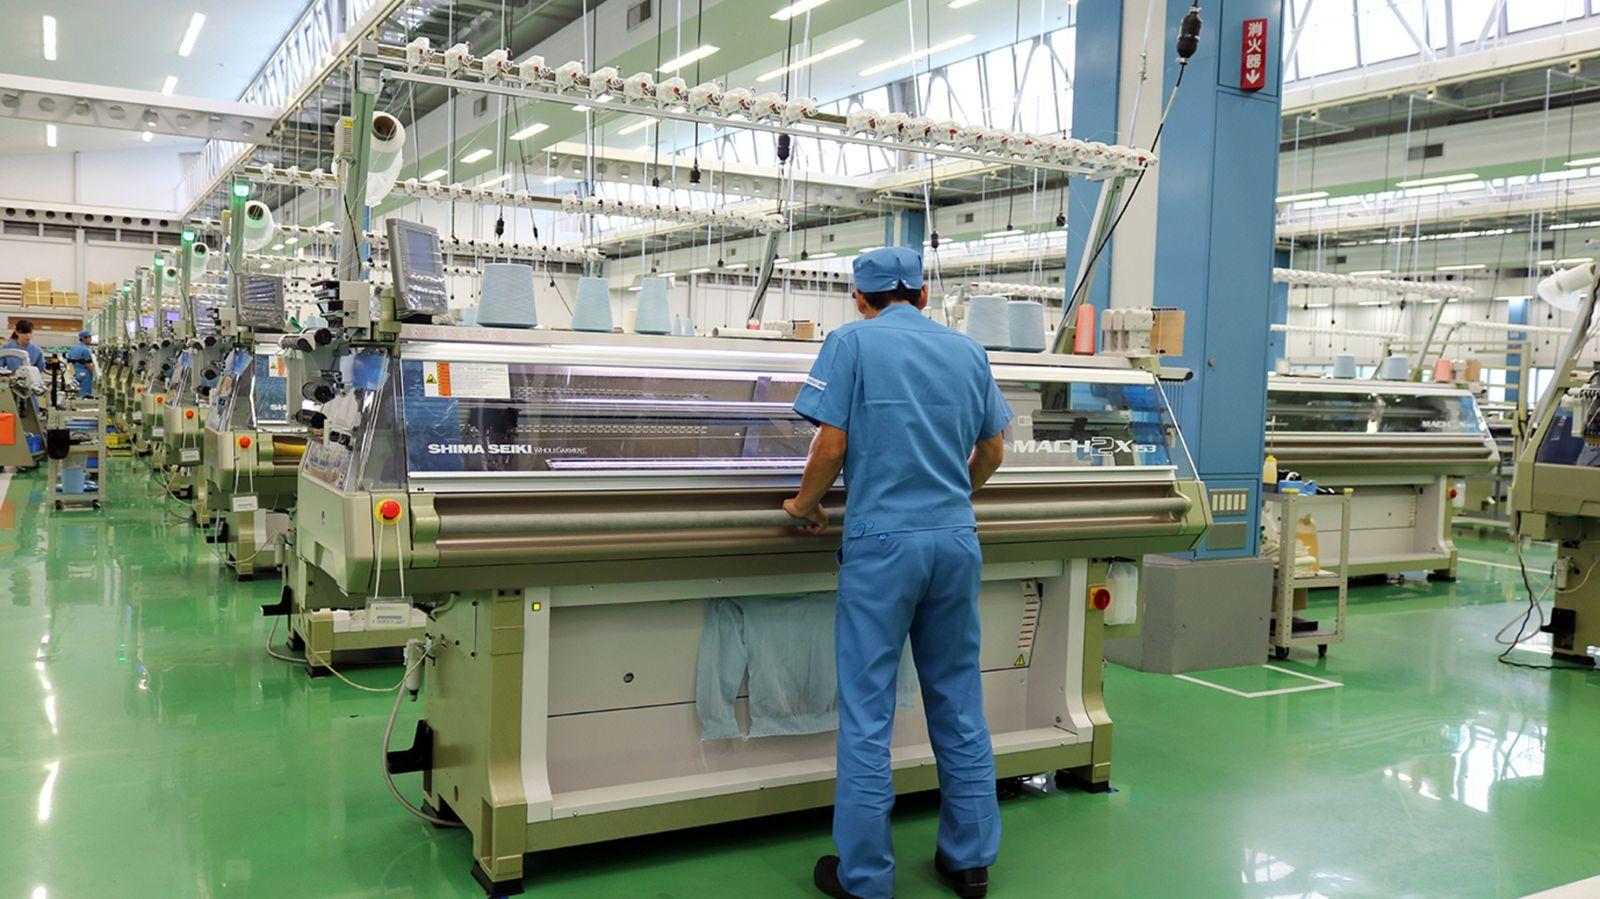 プラダも採用「和歌山の工場」が作るすごい機械 欧州のファッション界では超有名